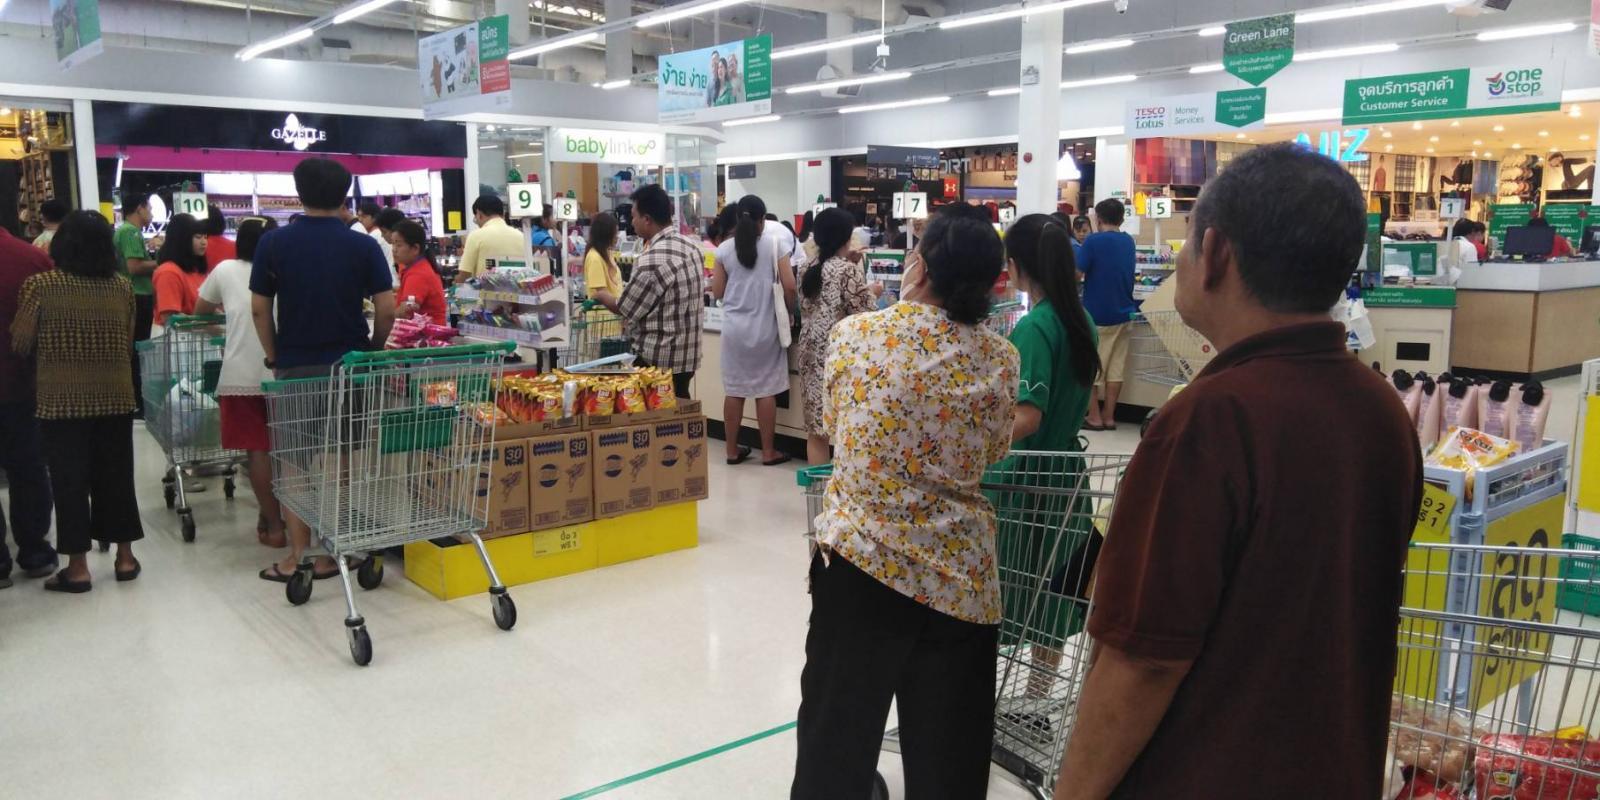 """7 ปัญหา """"ชิม ช้อป ใช้"""" ตั้งแต่ลงทะเบียนจนถึงขั้นร้านค้าขอยกเลิกร่วมโครงการ"""